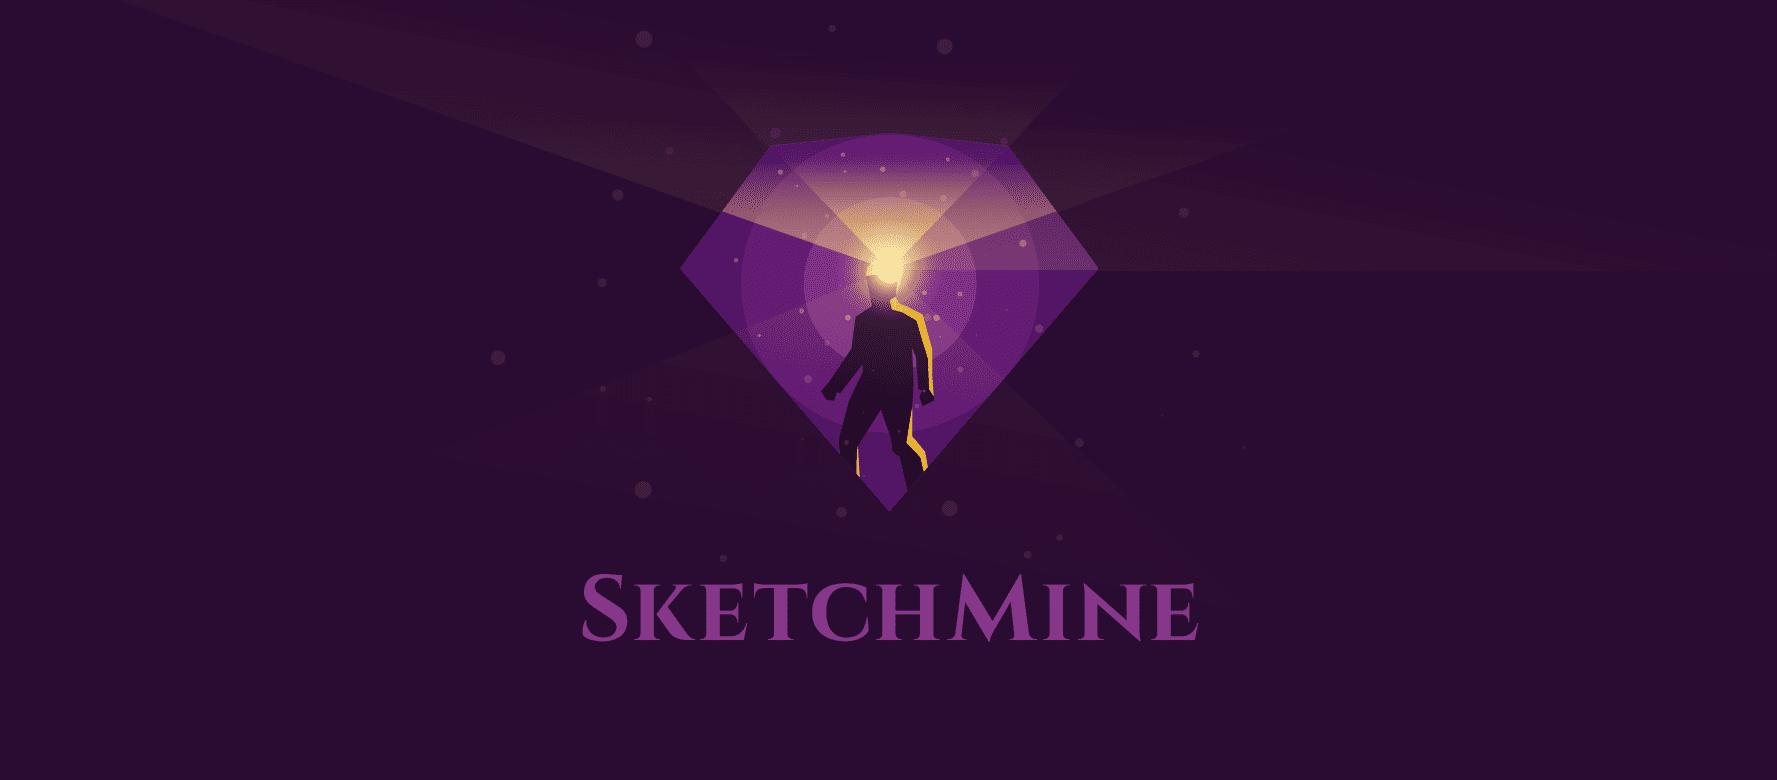 Github banner for sketchmine